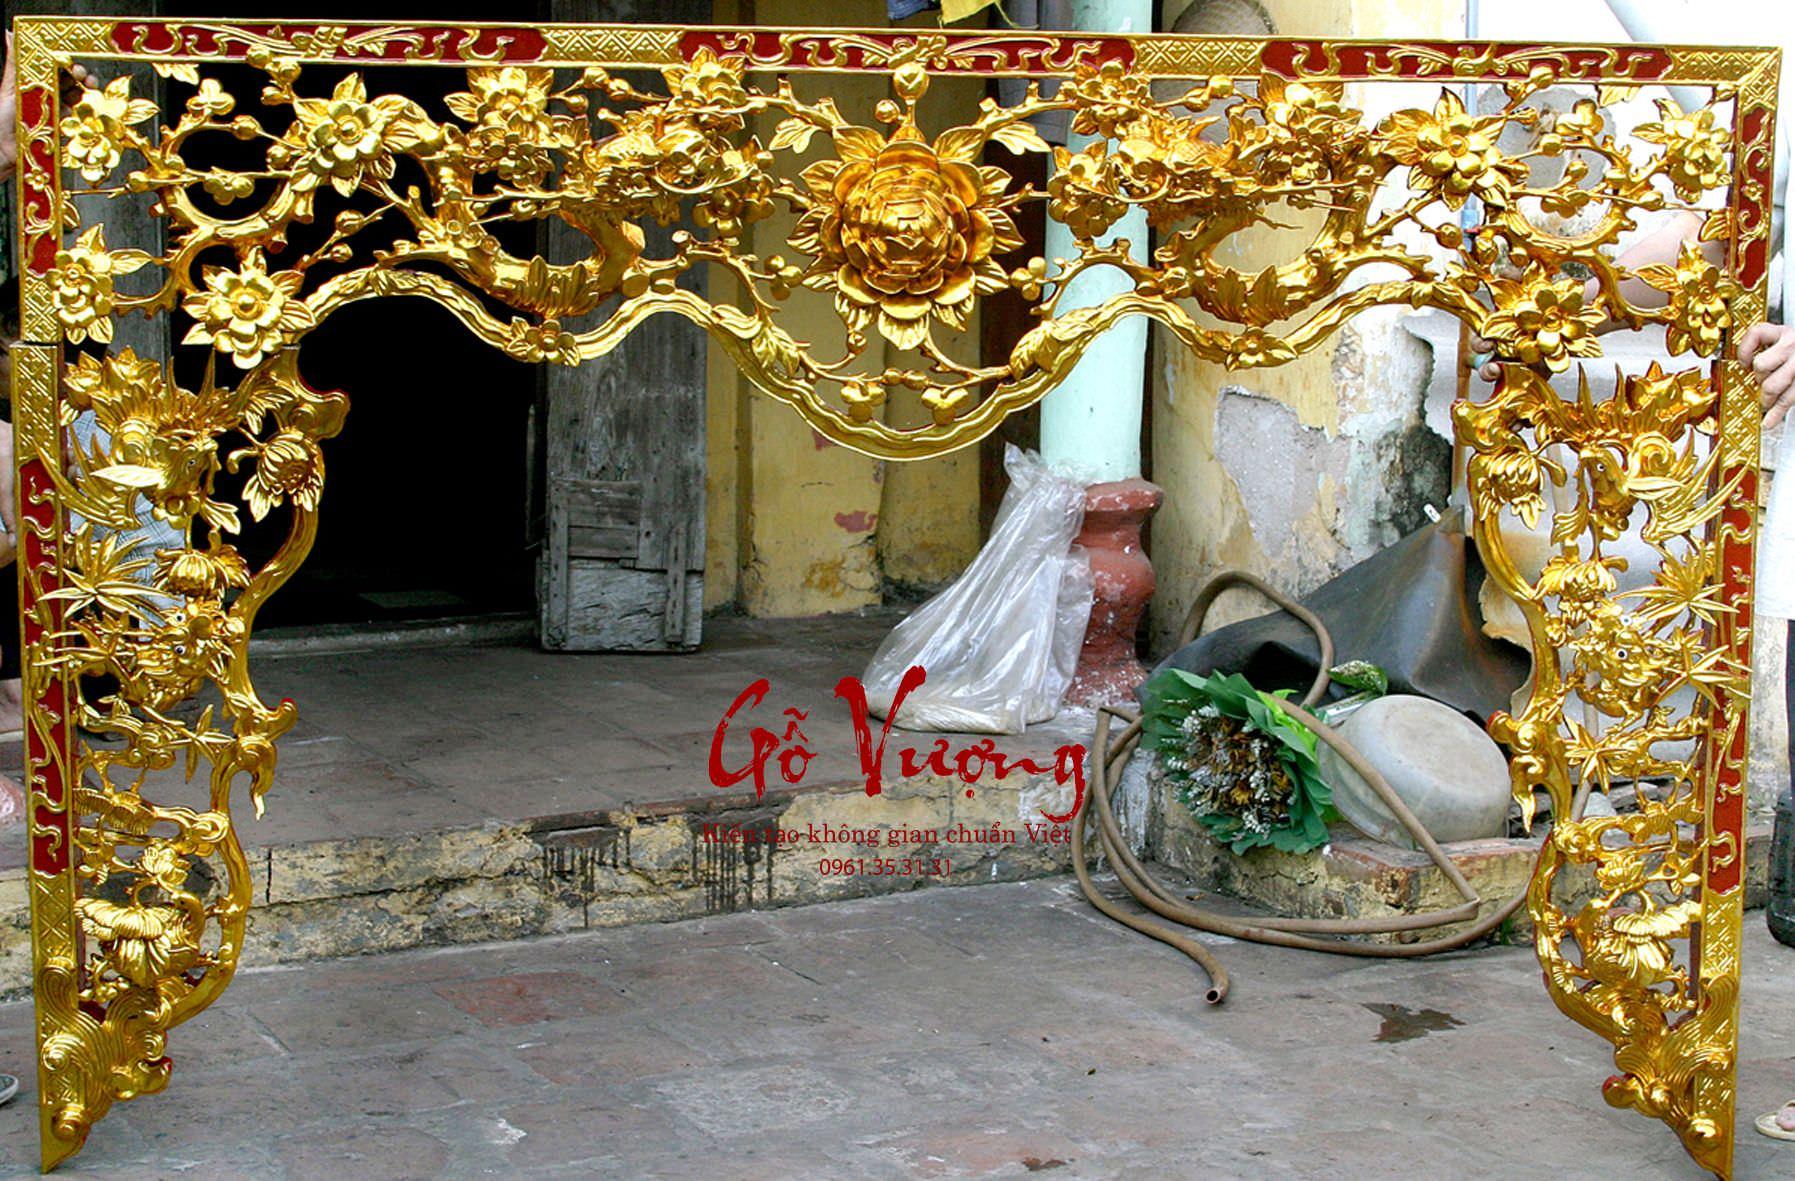 Cửa võng thờ tứ linh hóa sơn son thếp vàng